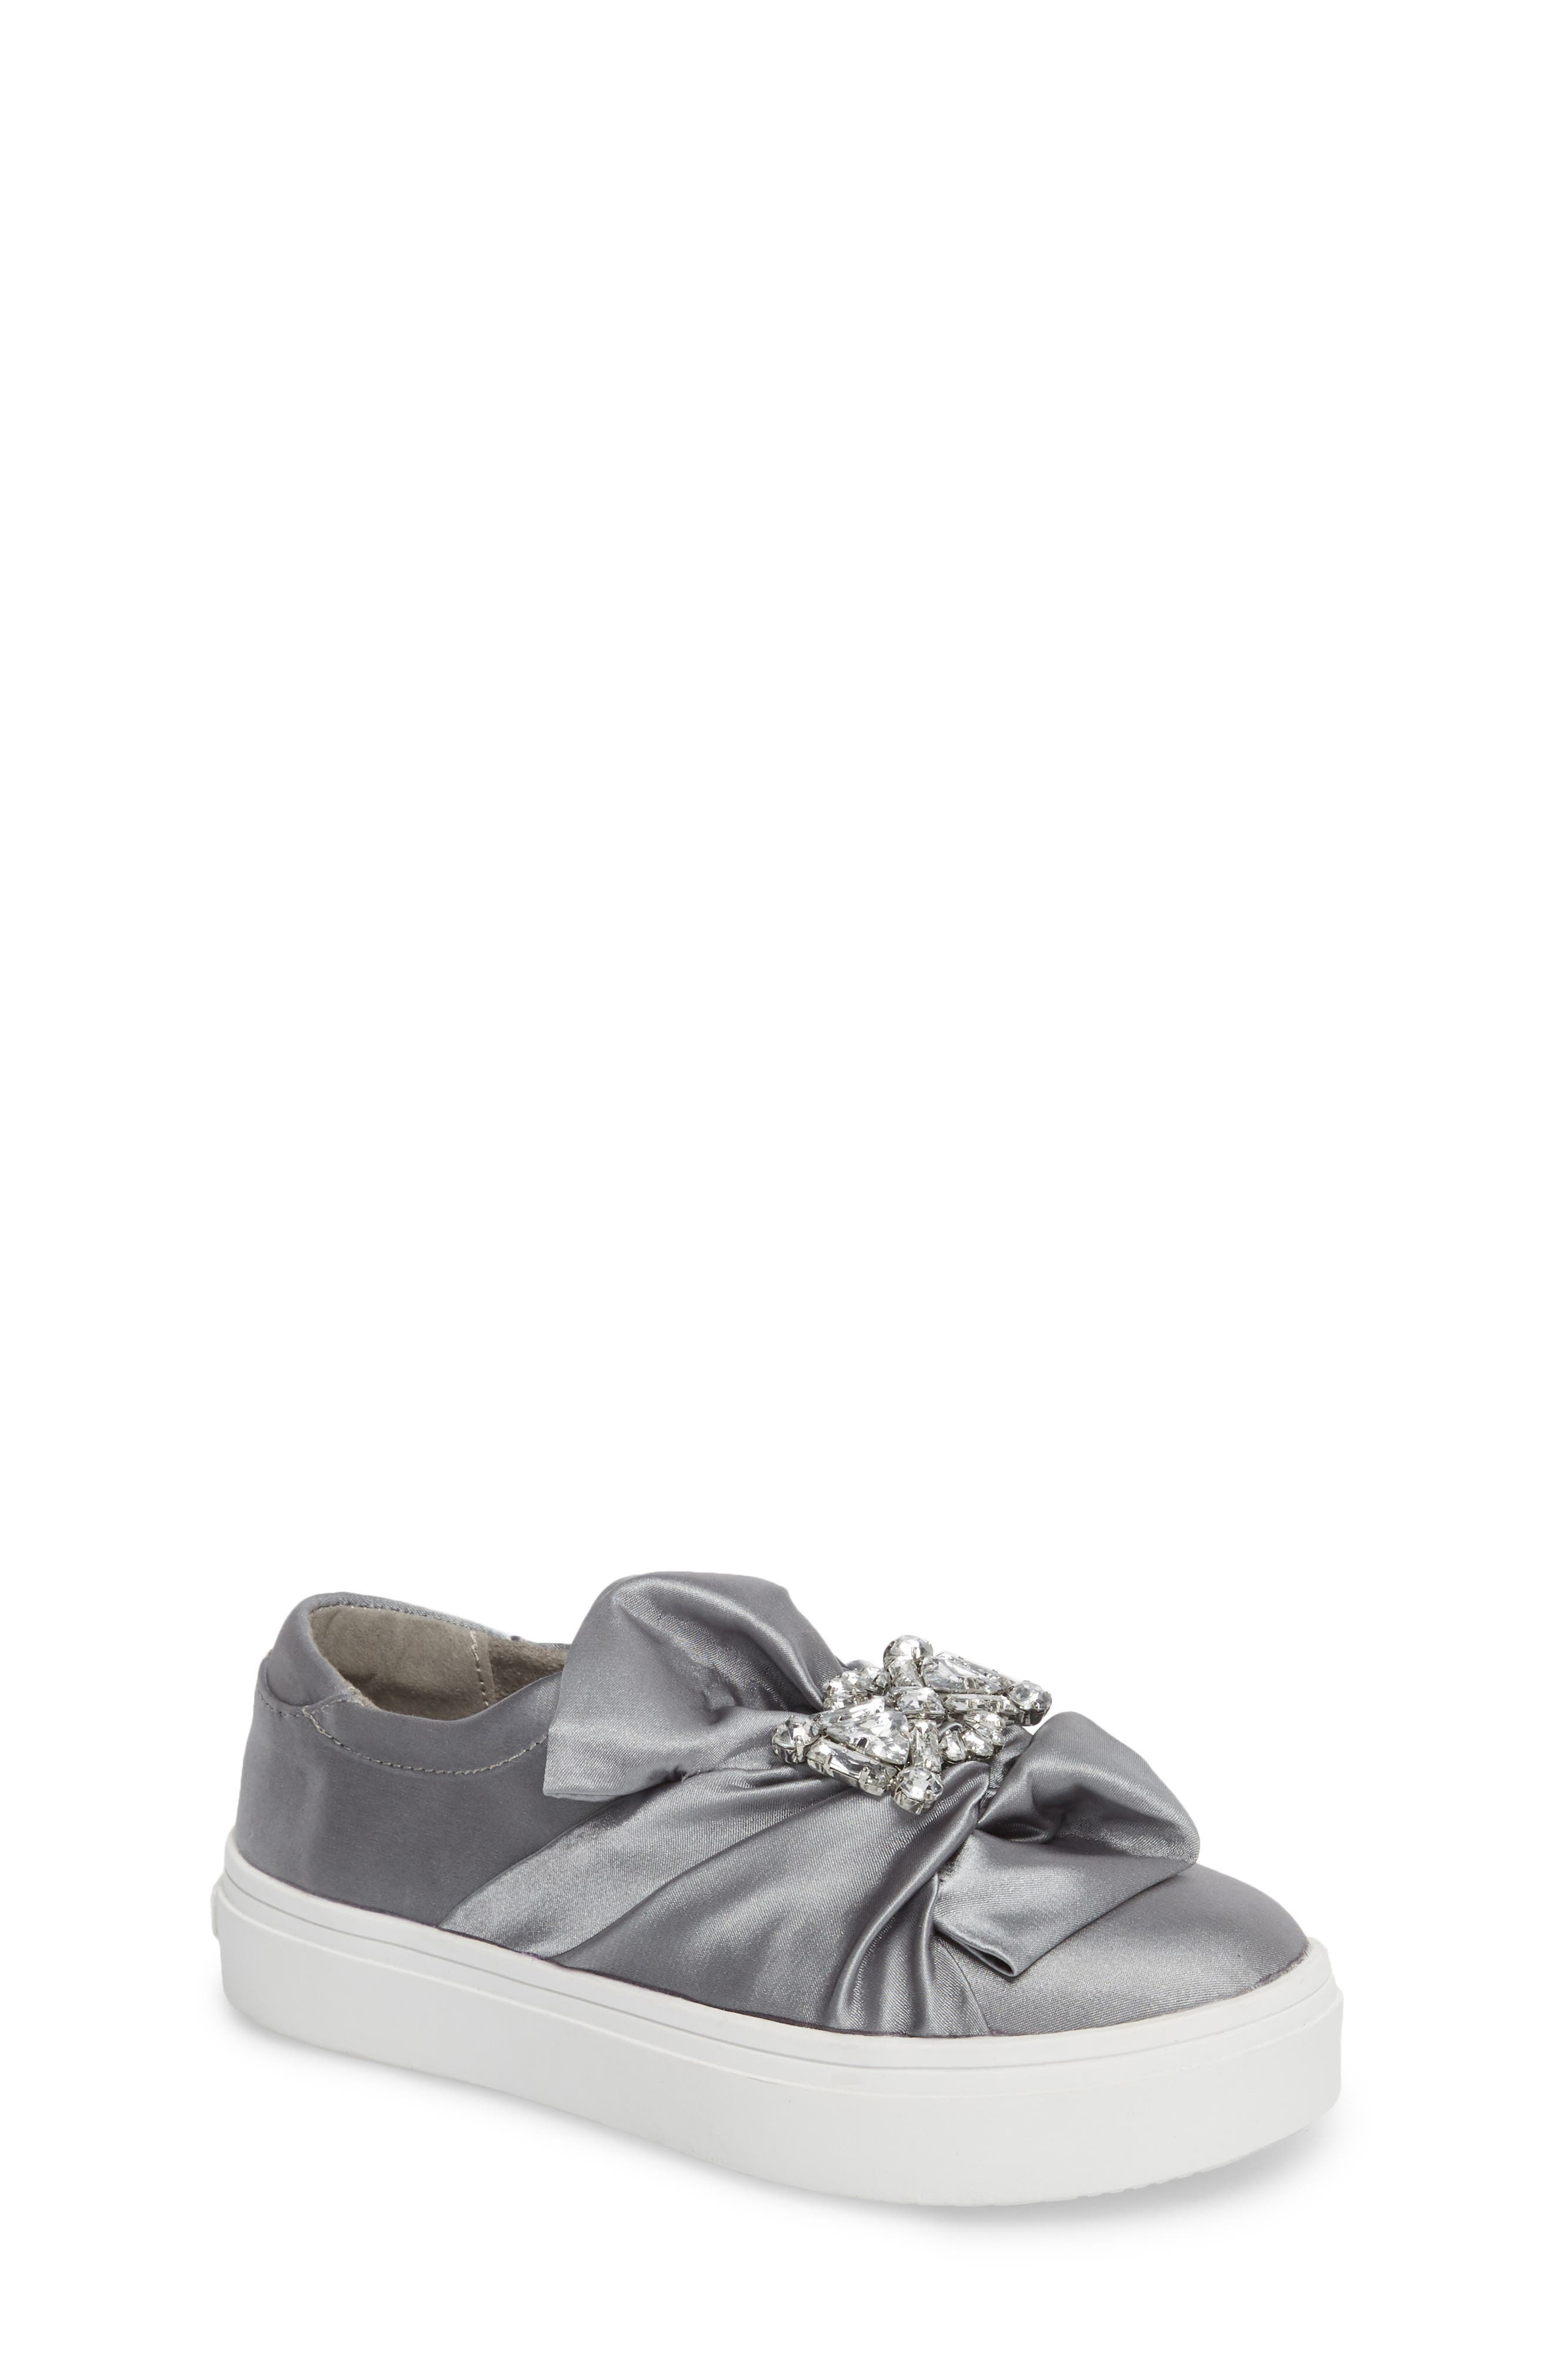 Kenneth Cole New York Shout Shine Embellished Sneaker (Toddler, Little Kid & Big Kid)